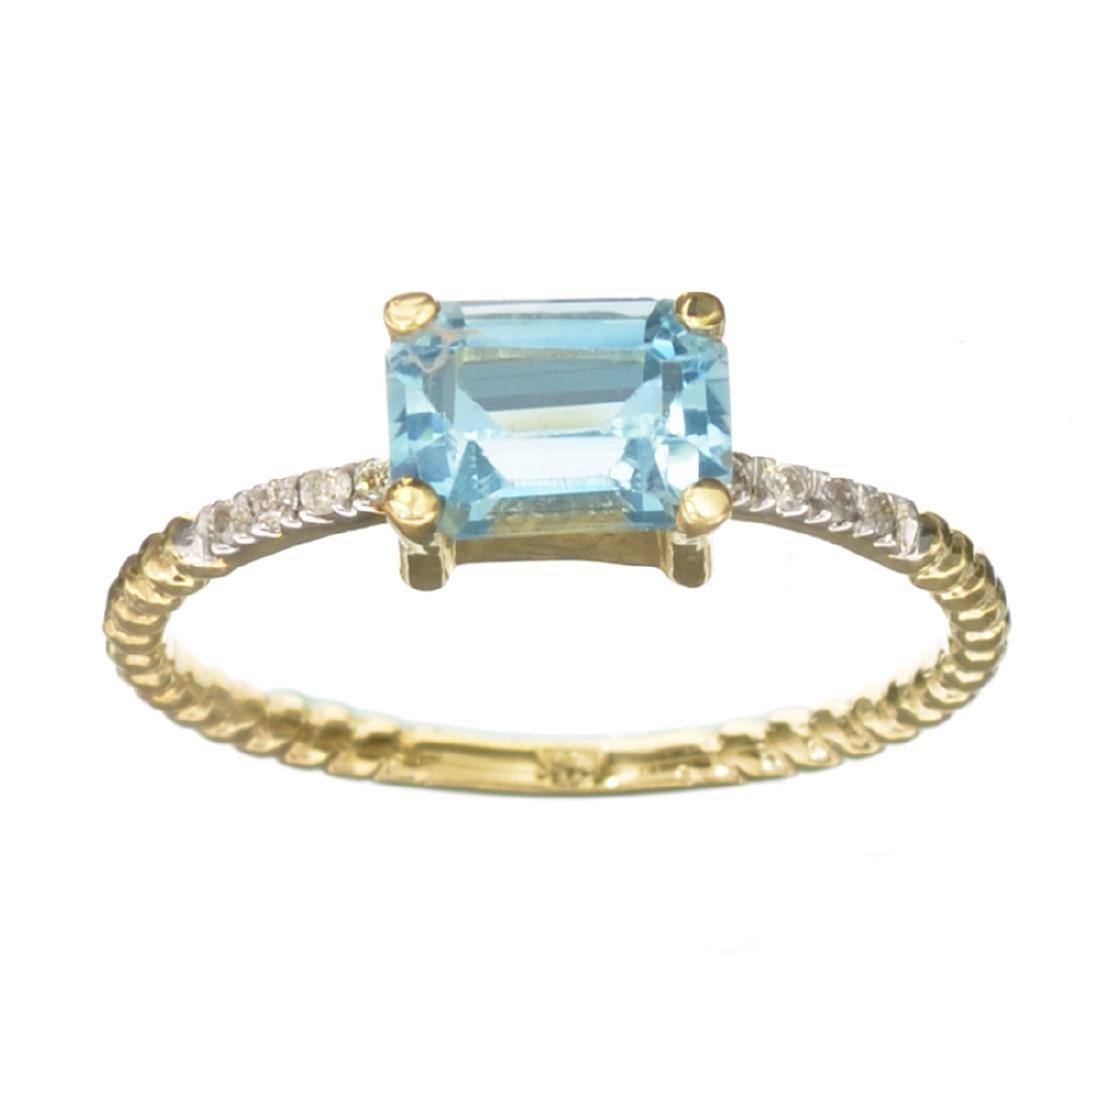 APP: 0.7k Fine Jewelry 14KT Gold, 1.38CT Blue Topaz